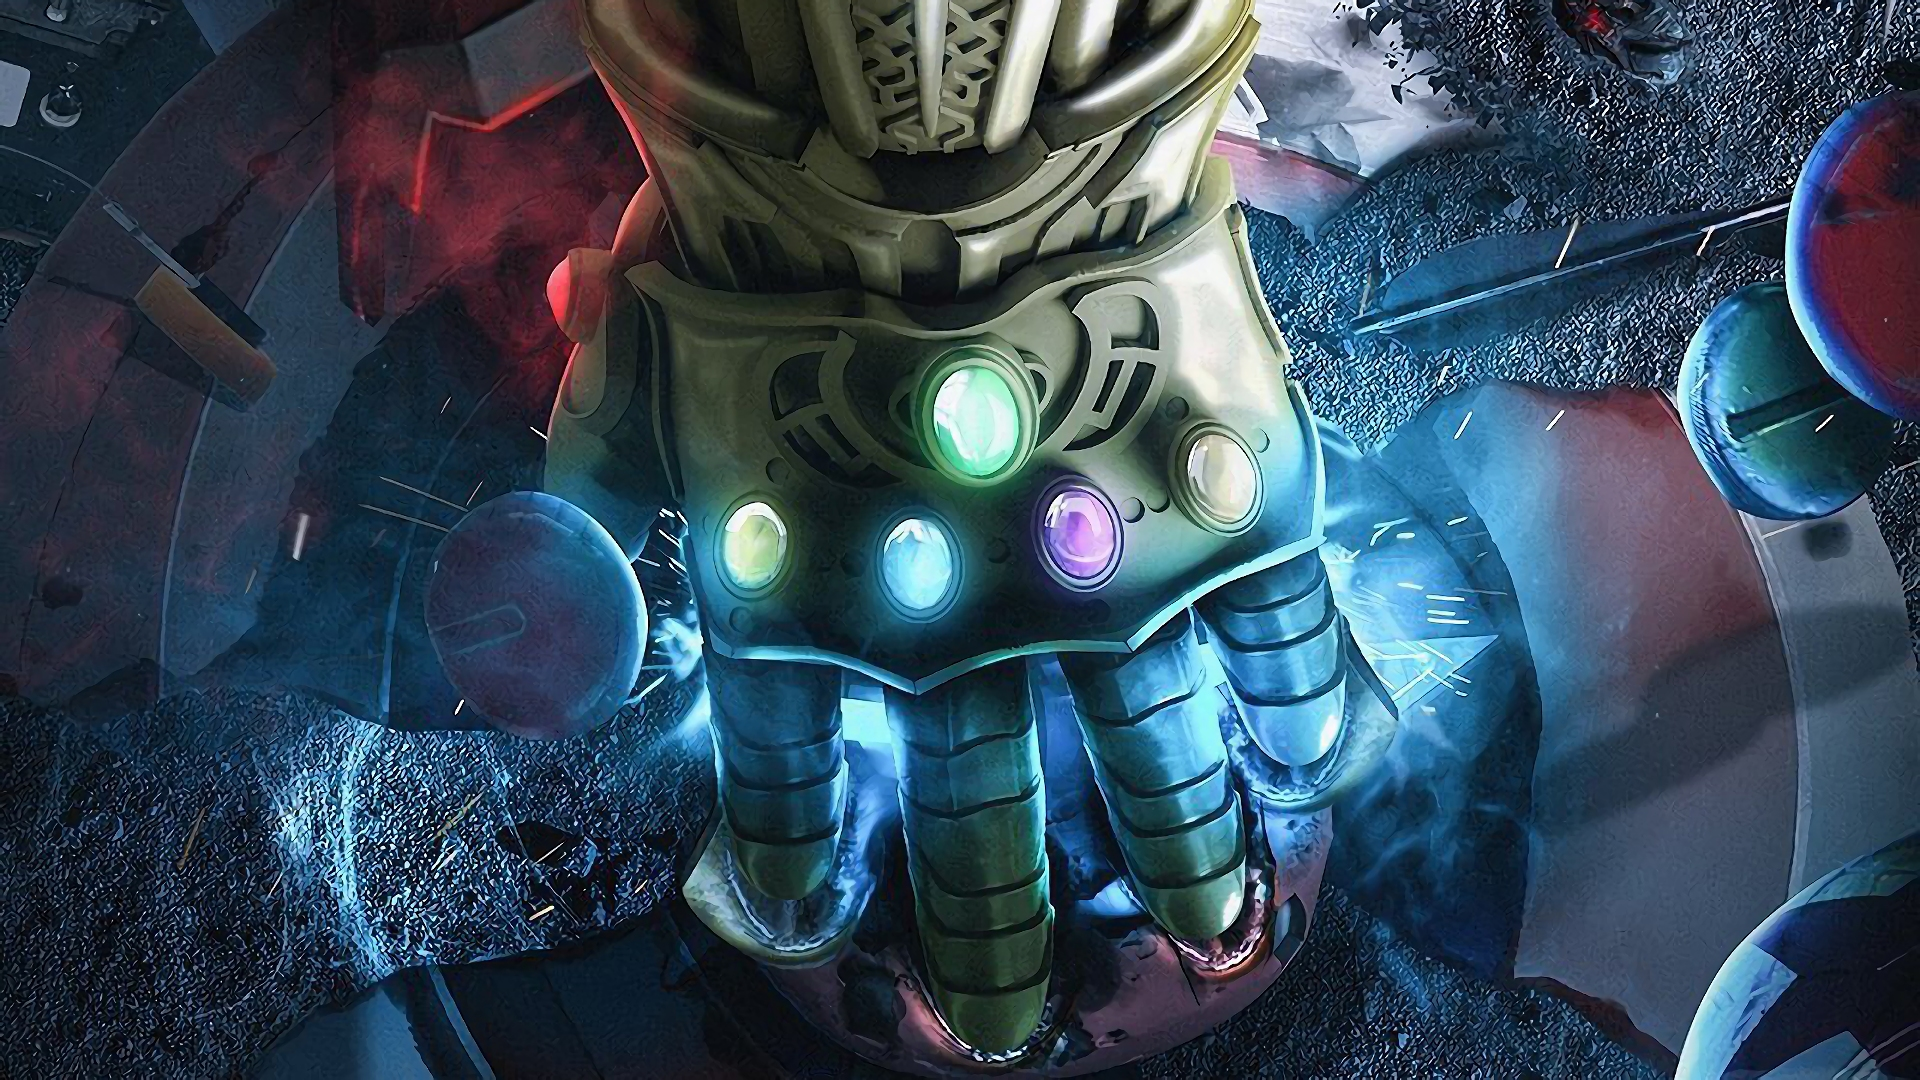 Avengers Infinity War wallpaper 5